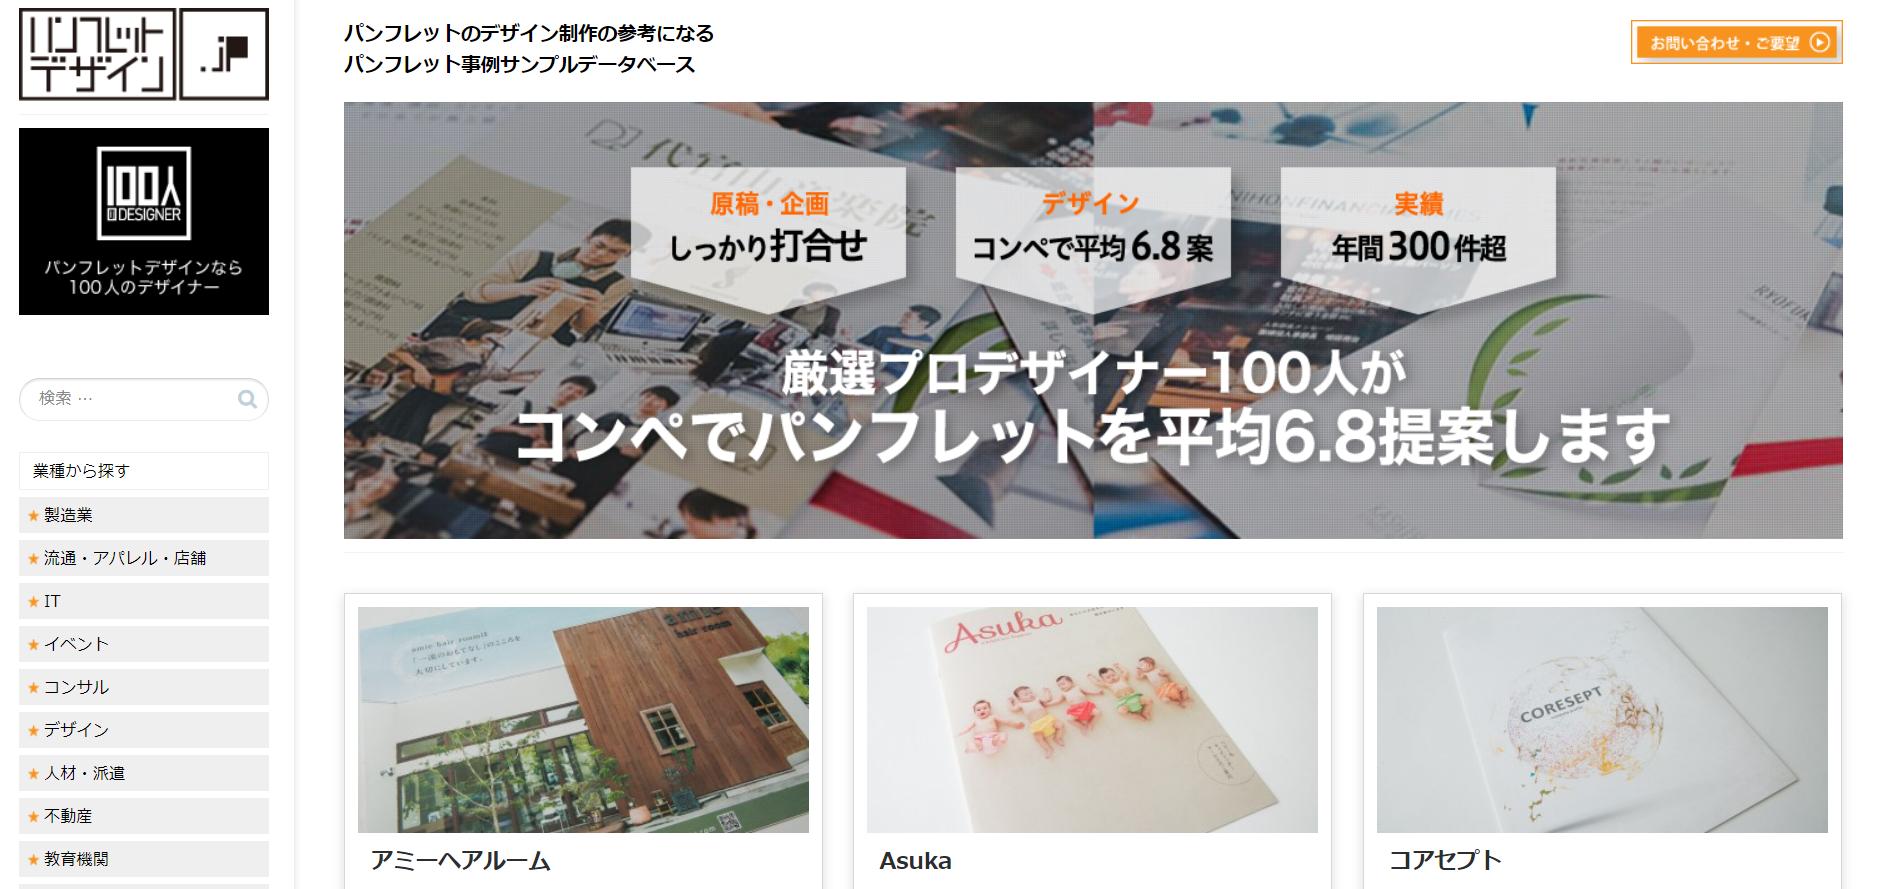 パンフレットデザイン.jp